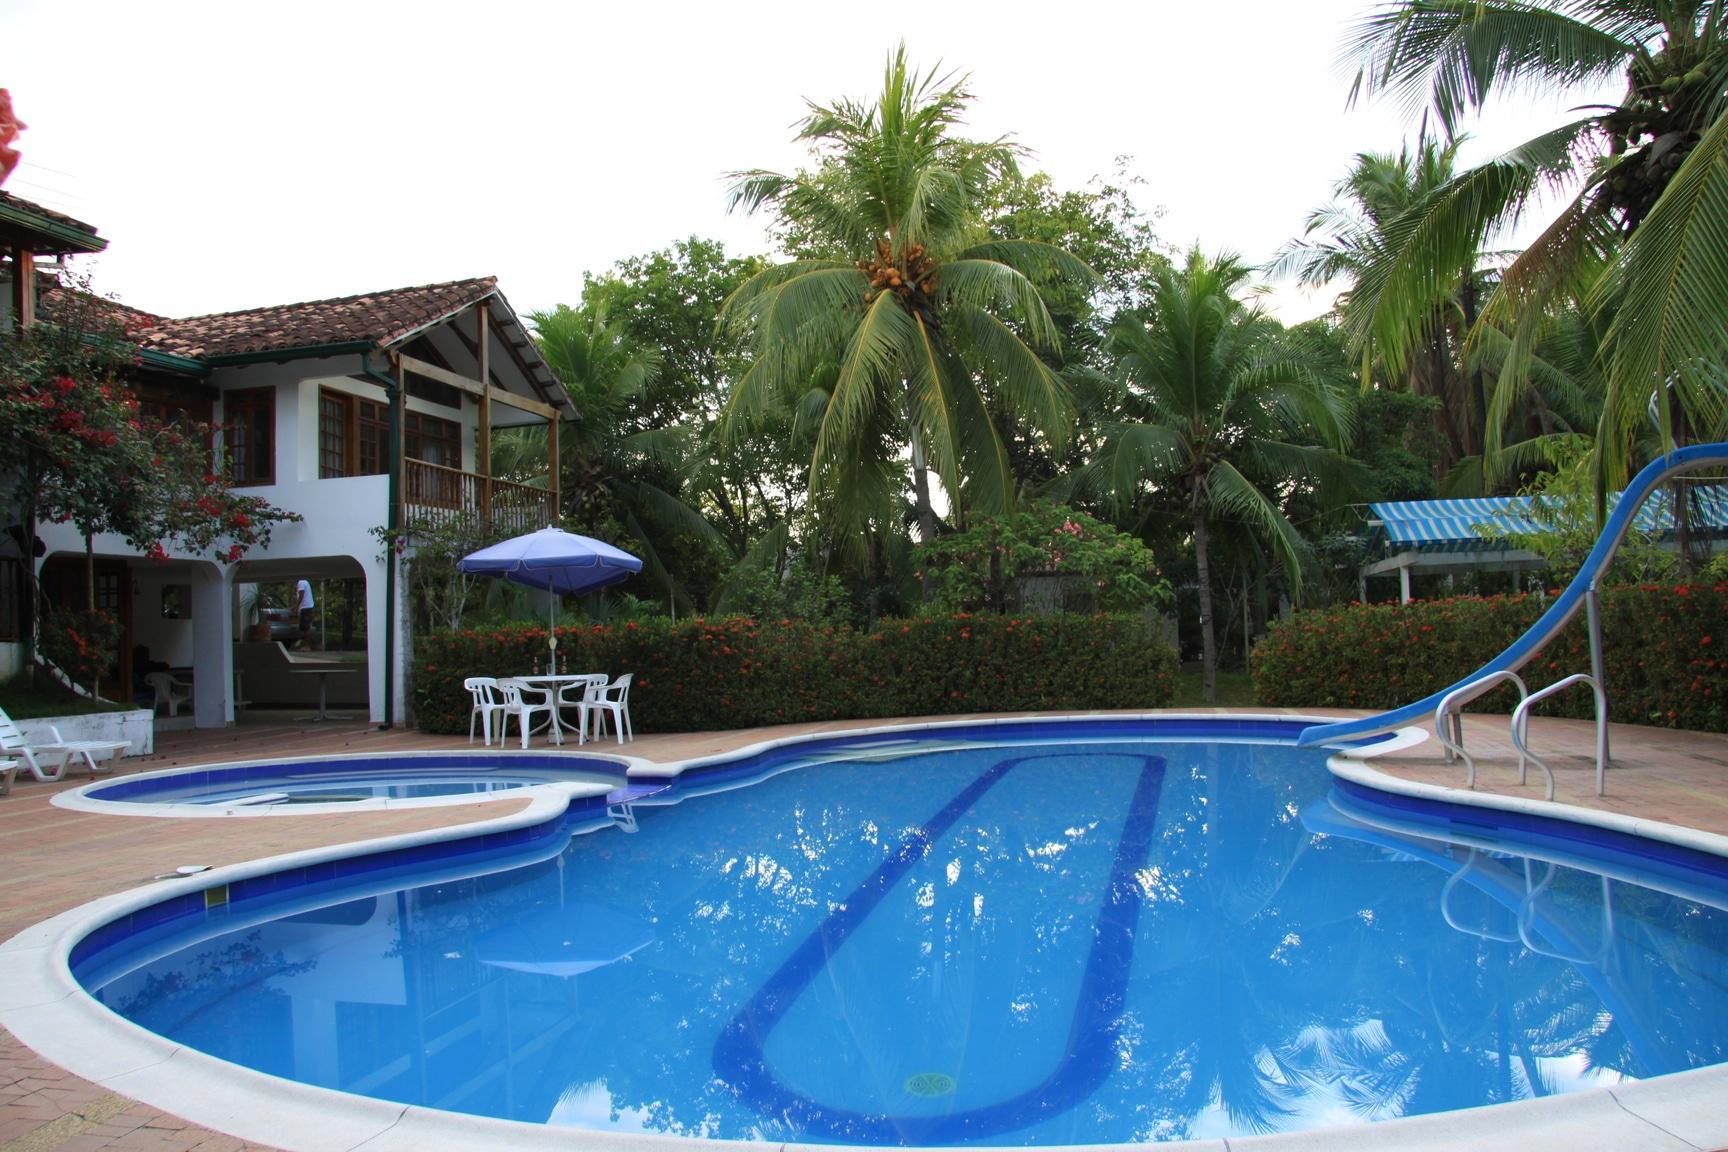 Cabañas en Melgar - Las 10 mejores cabañas para alquilar en Colombia